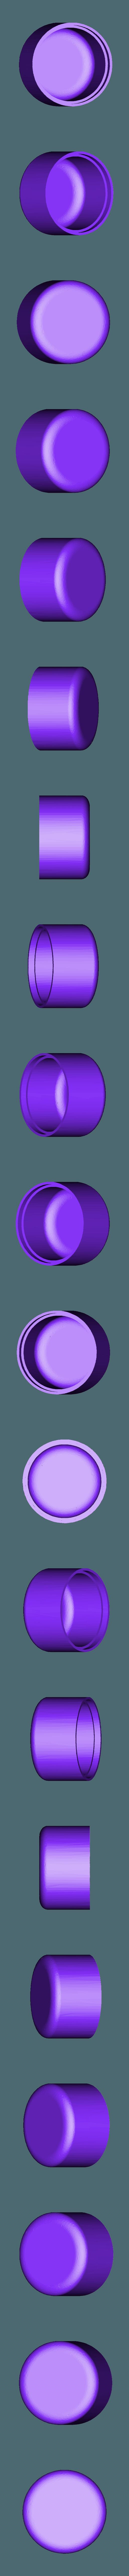 Bottom_two_tone_planter.stl Télécharger fichier STL gratuit Pot de fleur bicolore • Plan pour imprimante 3D, Kiwi3D